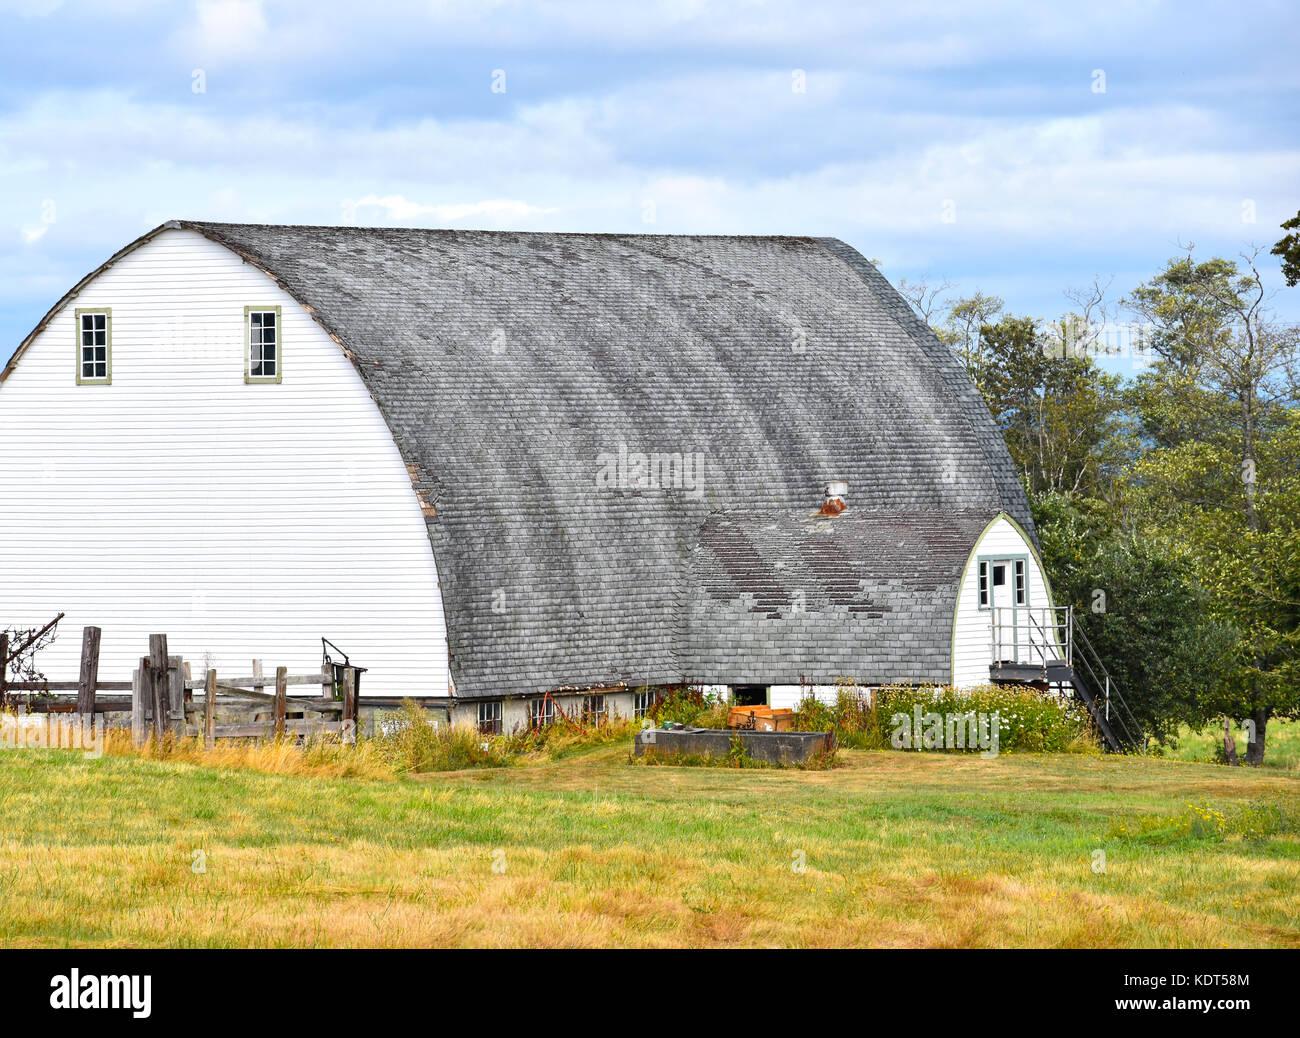 Unique White Barn in Washington State - Stock Image